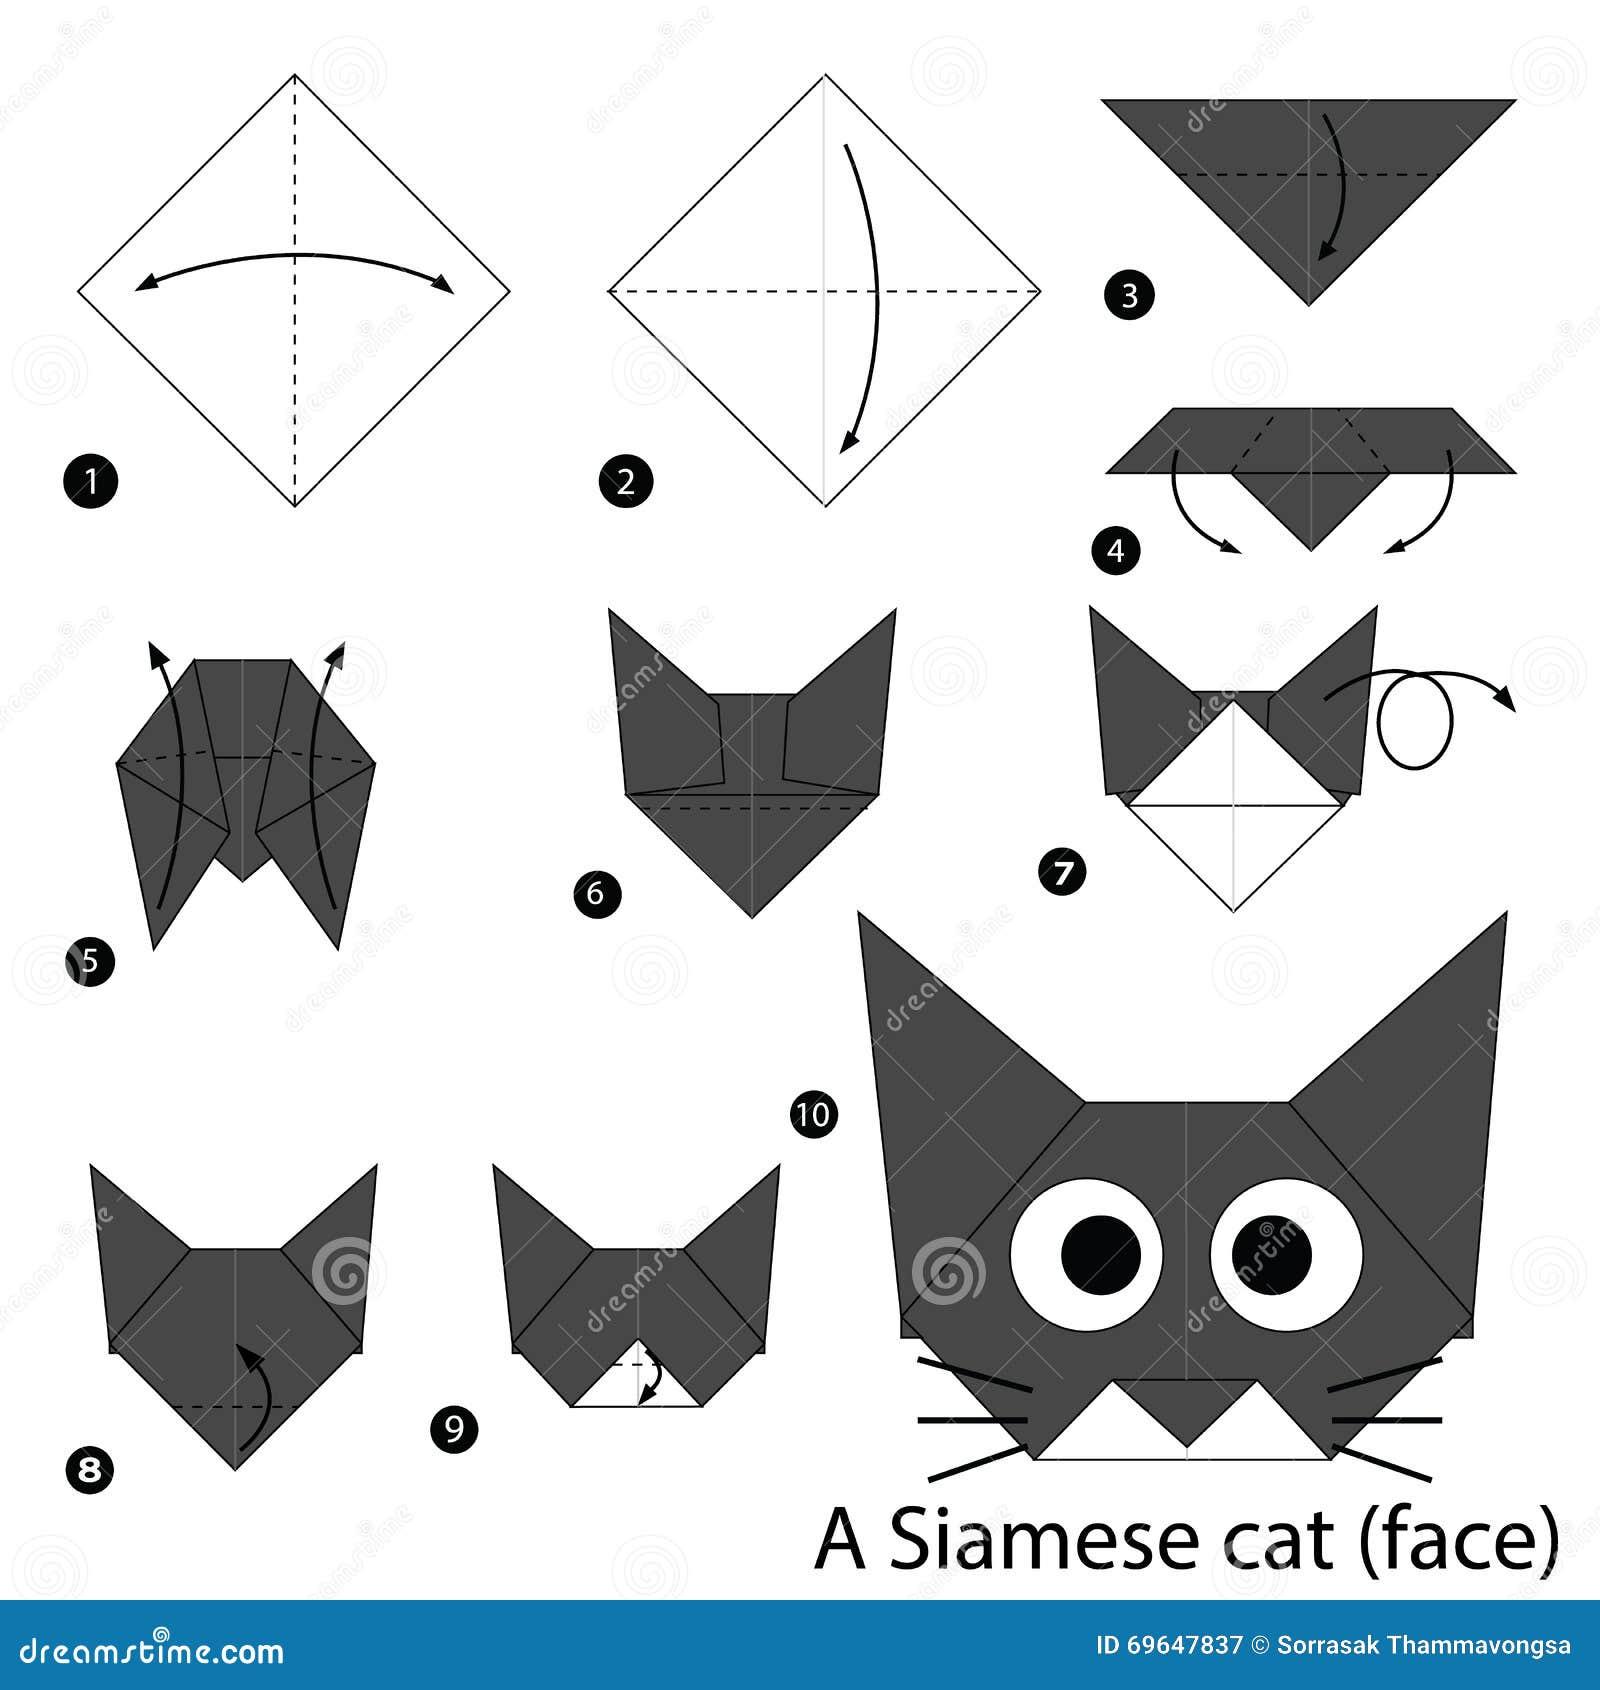 schrittweise anweisungen wie man origami eine katze macht. Black Bedroom Furniture Sets. Home Design Ideas